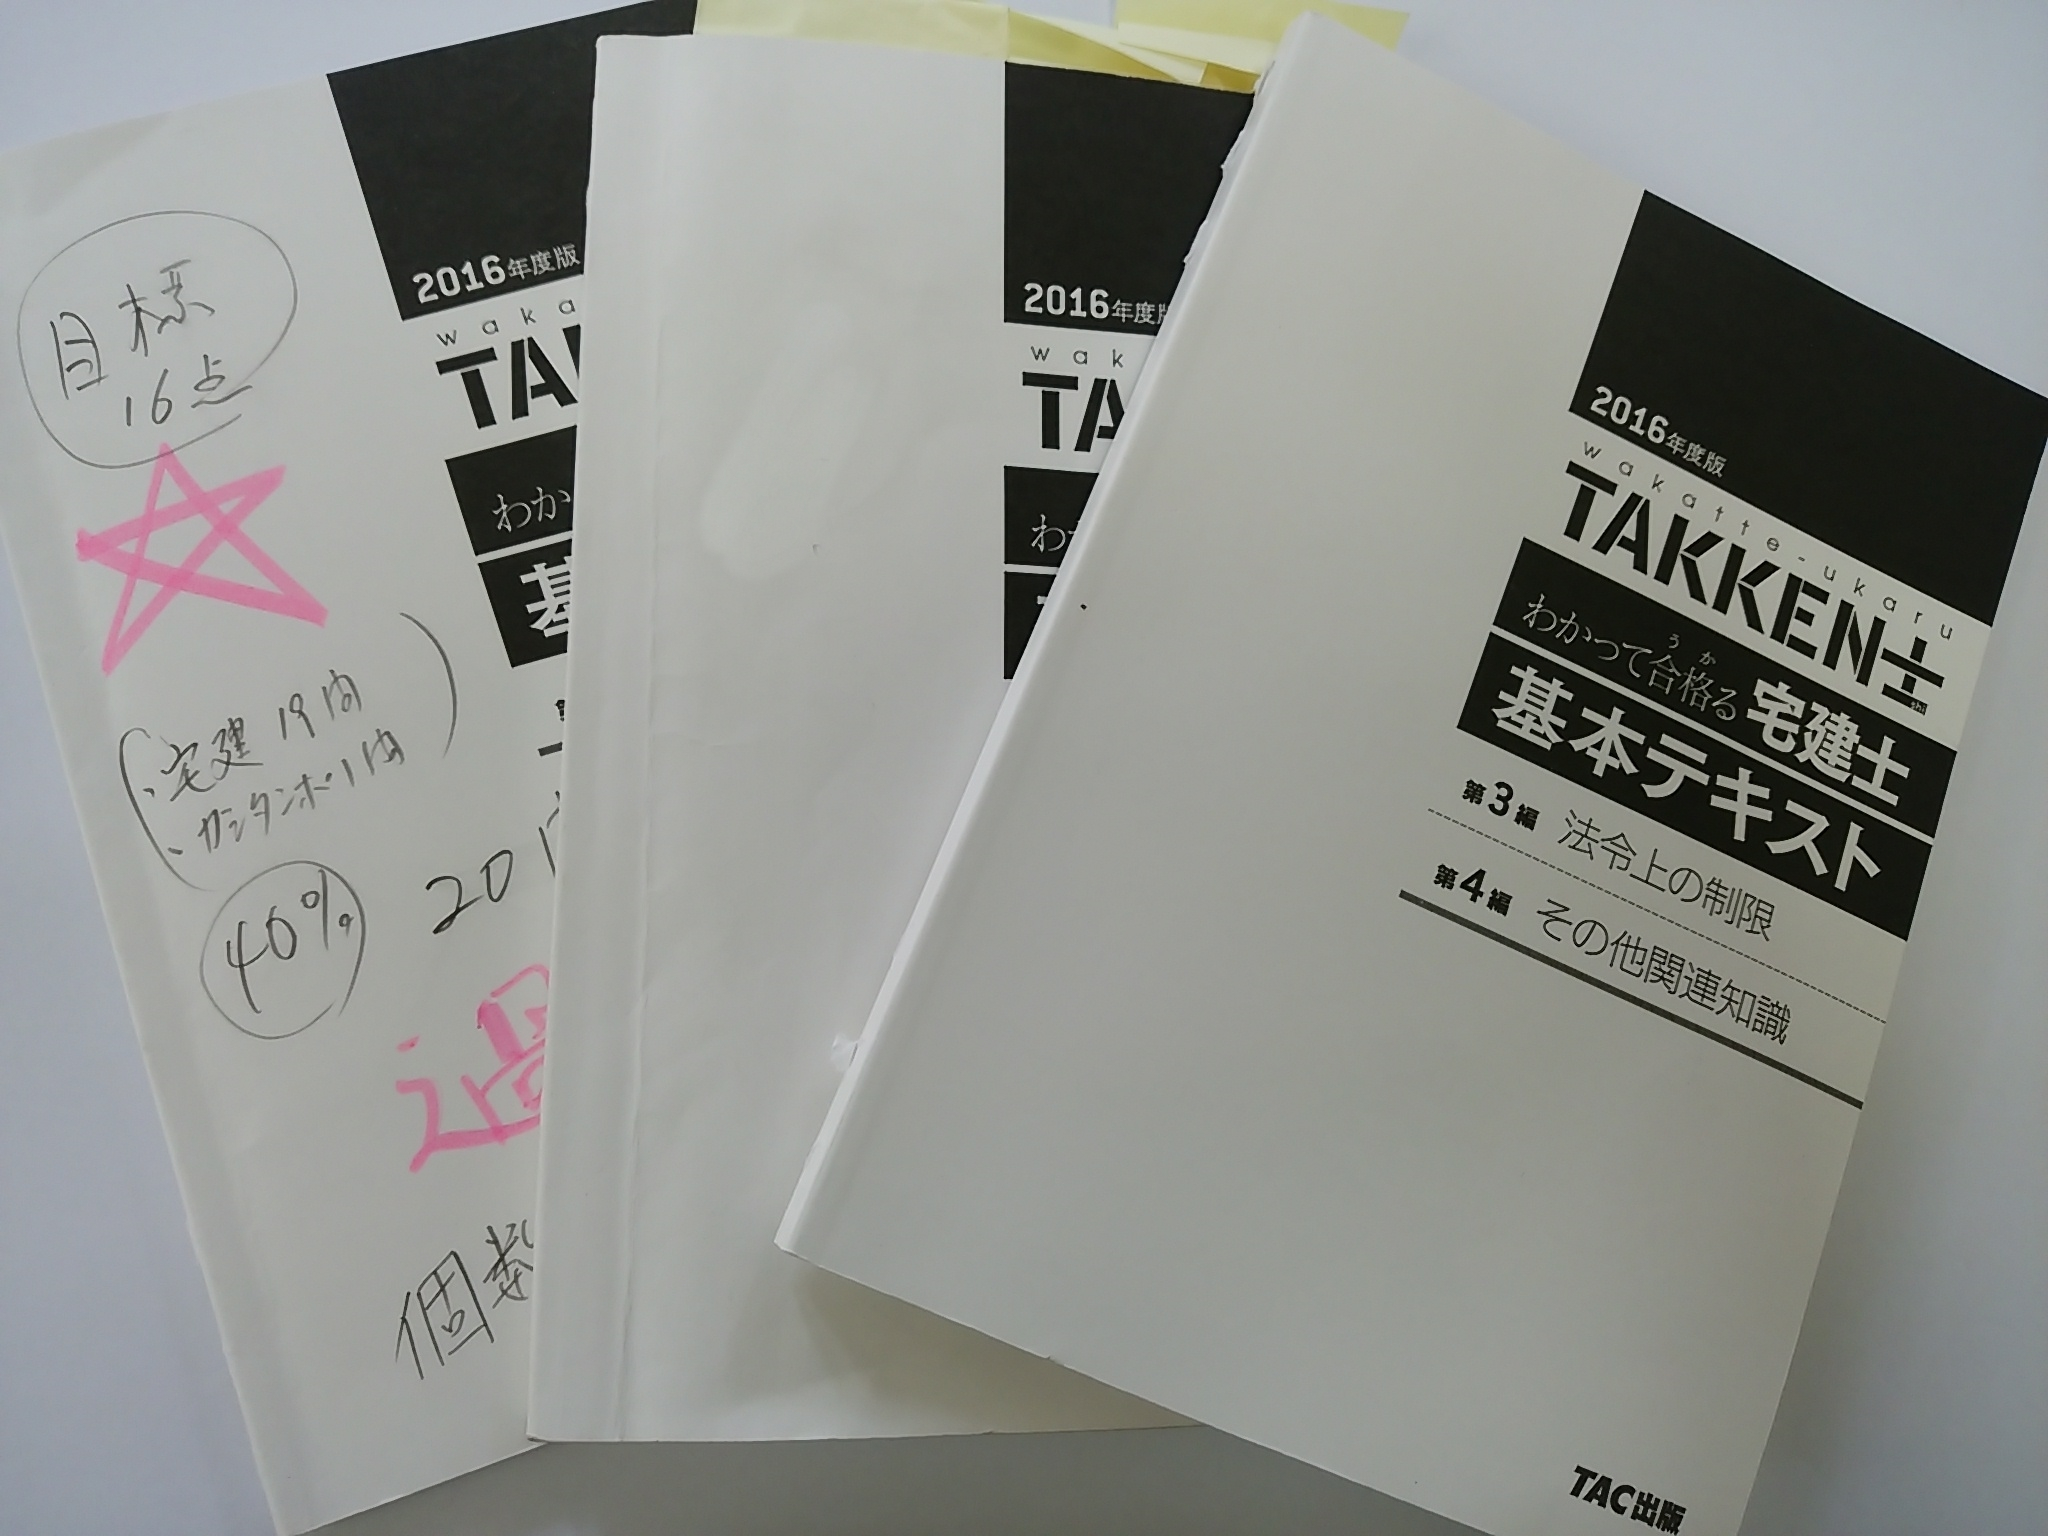 宅建試験 ただいま勉強中です!!